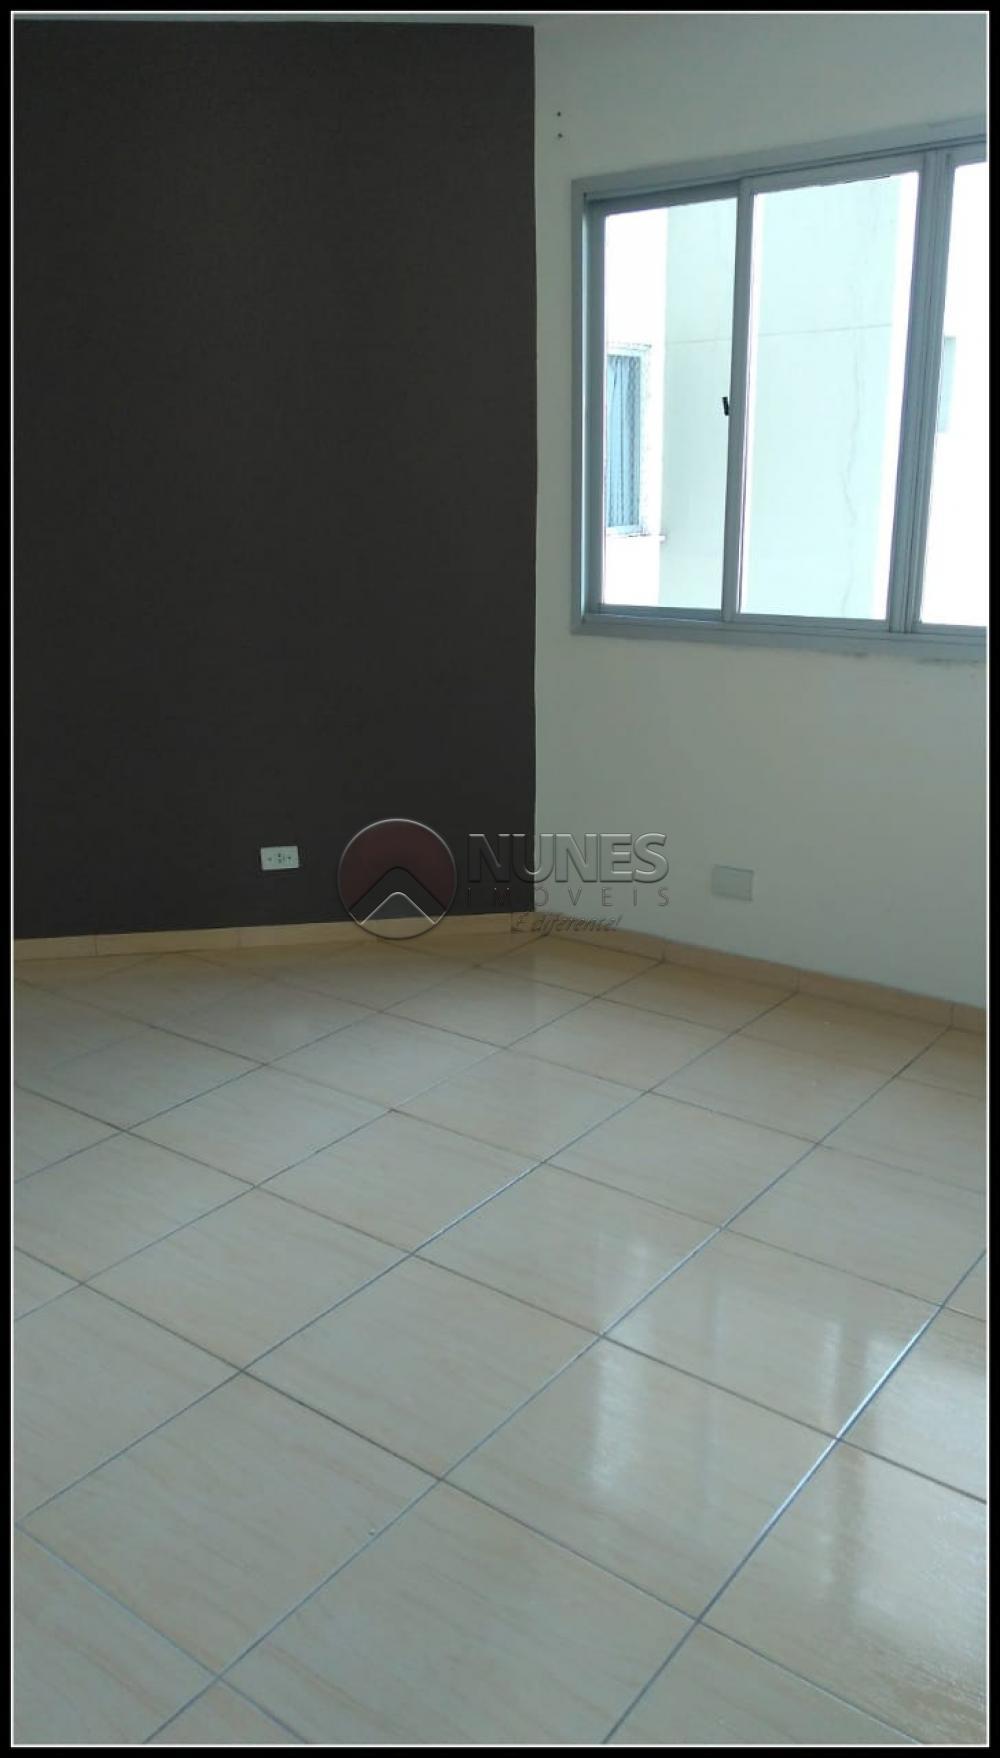 Comprar Apartamento / Padrão em São Paulo apenas R$ 280.000,00 - Foto 12